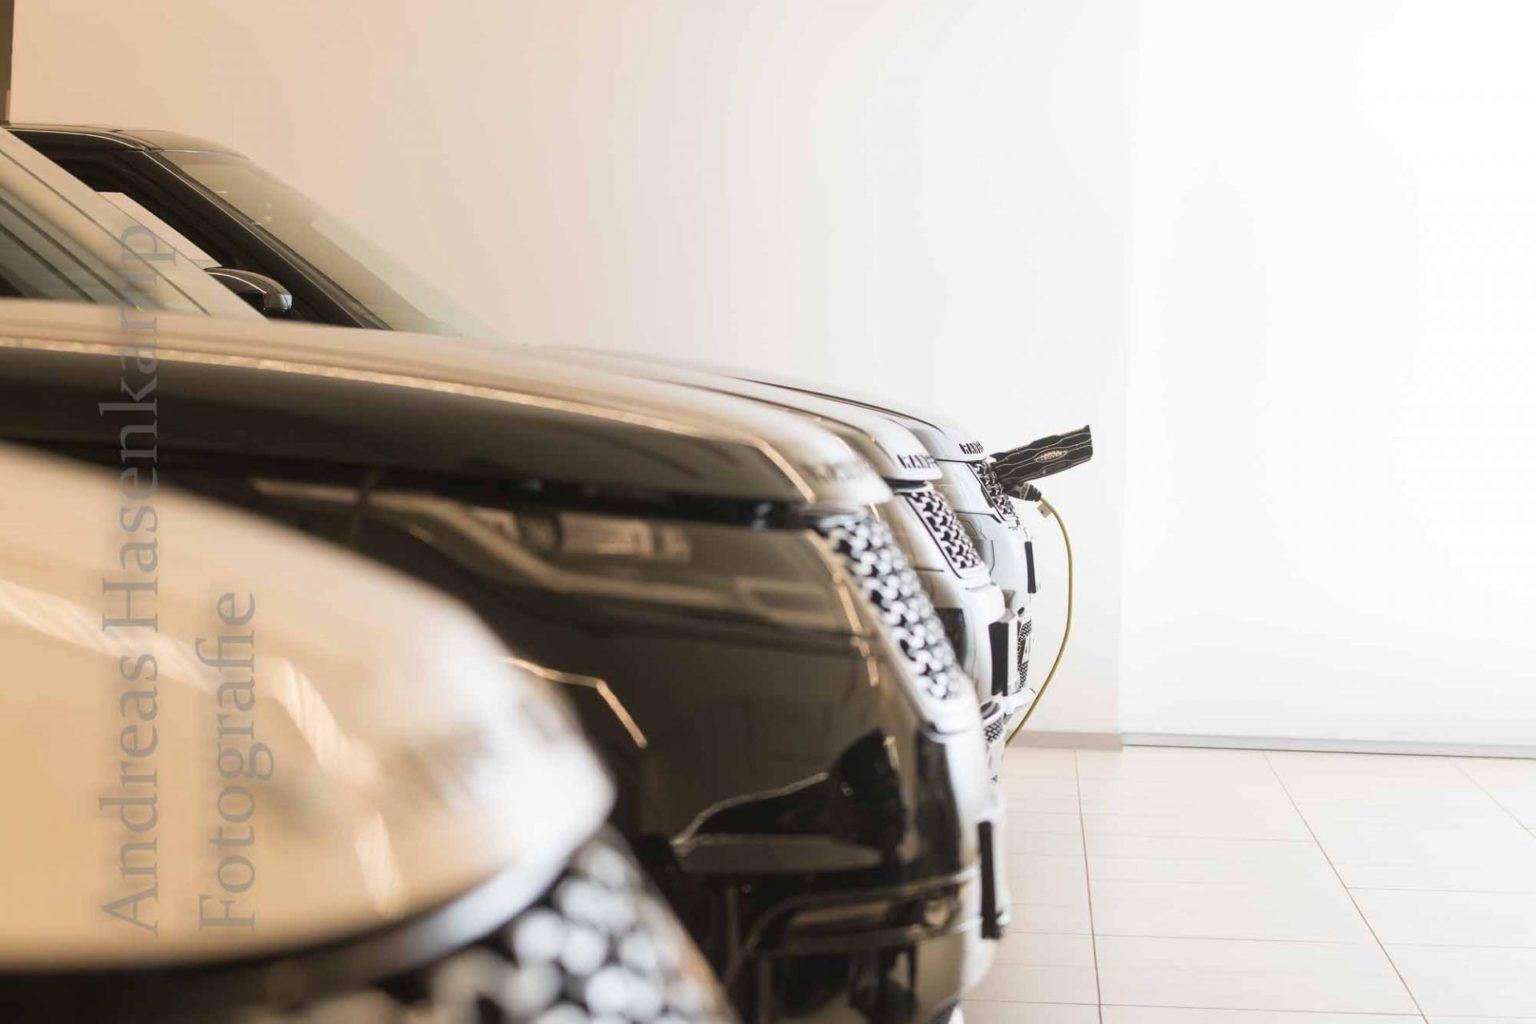 Elektromobilität? Historie schärft den Blick bei Podiumsdiskussion